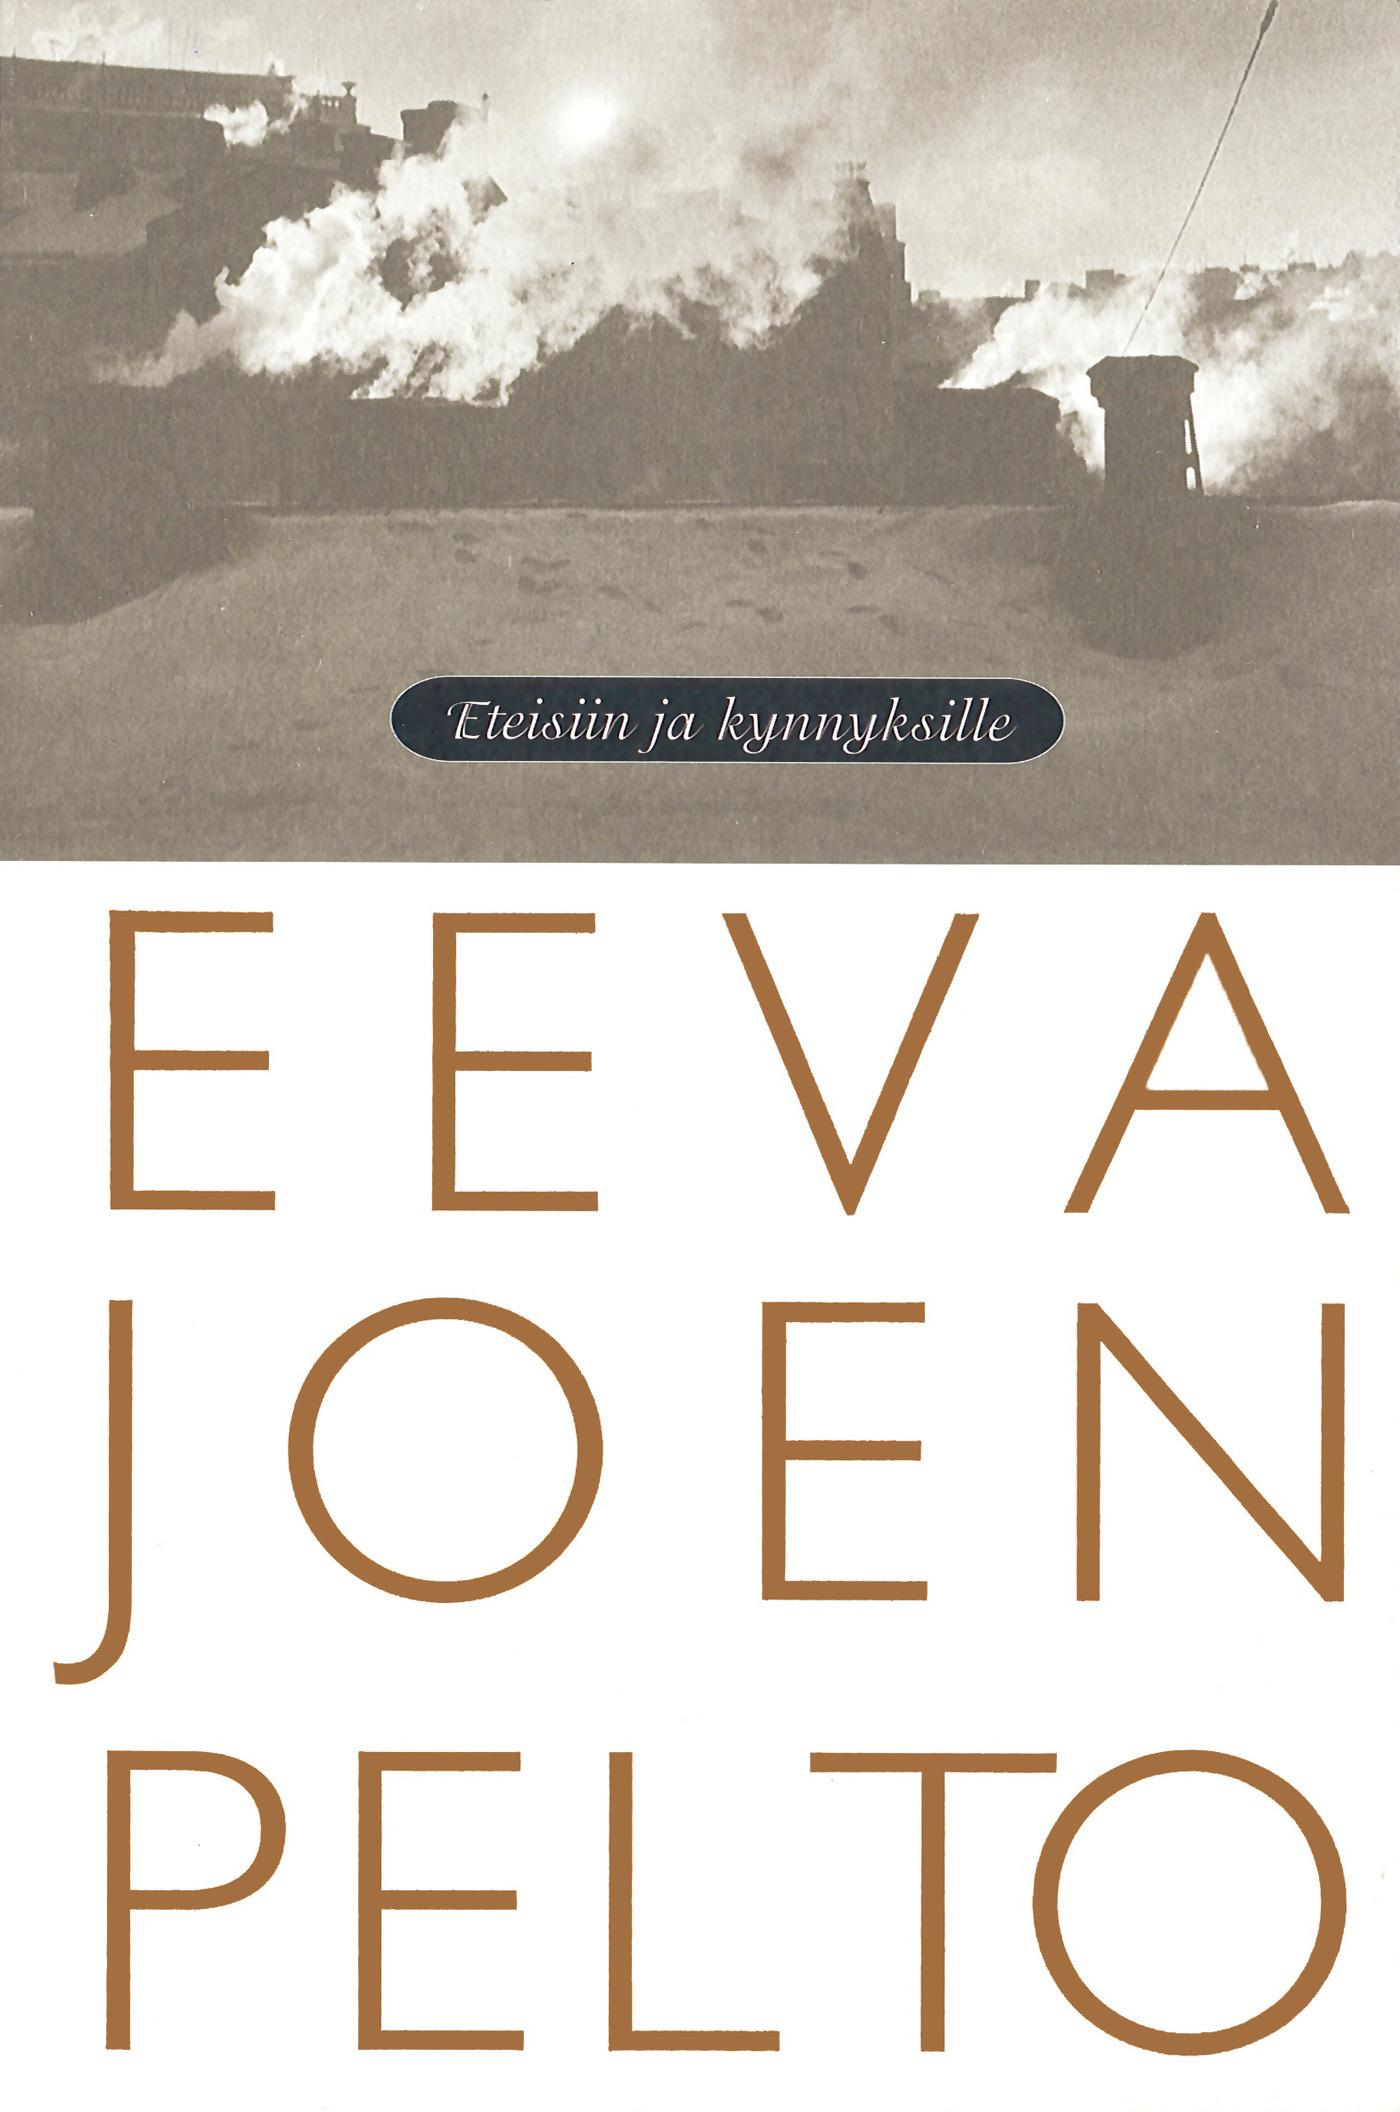 Joenpelto, Eeva - Eteisiin ja kynnyksille: Lohja IV, e-kirja